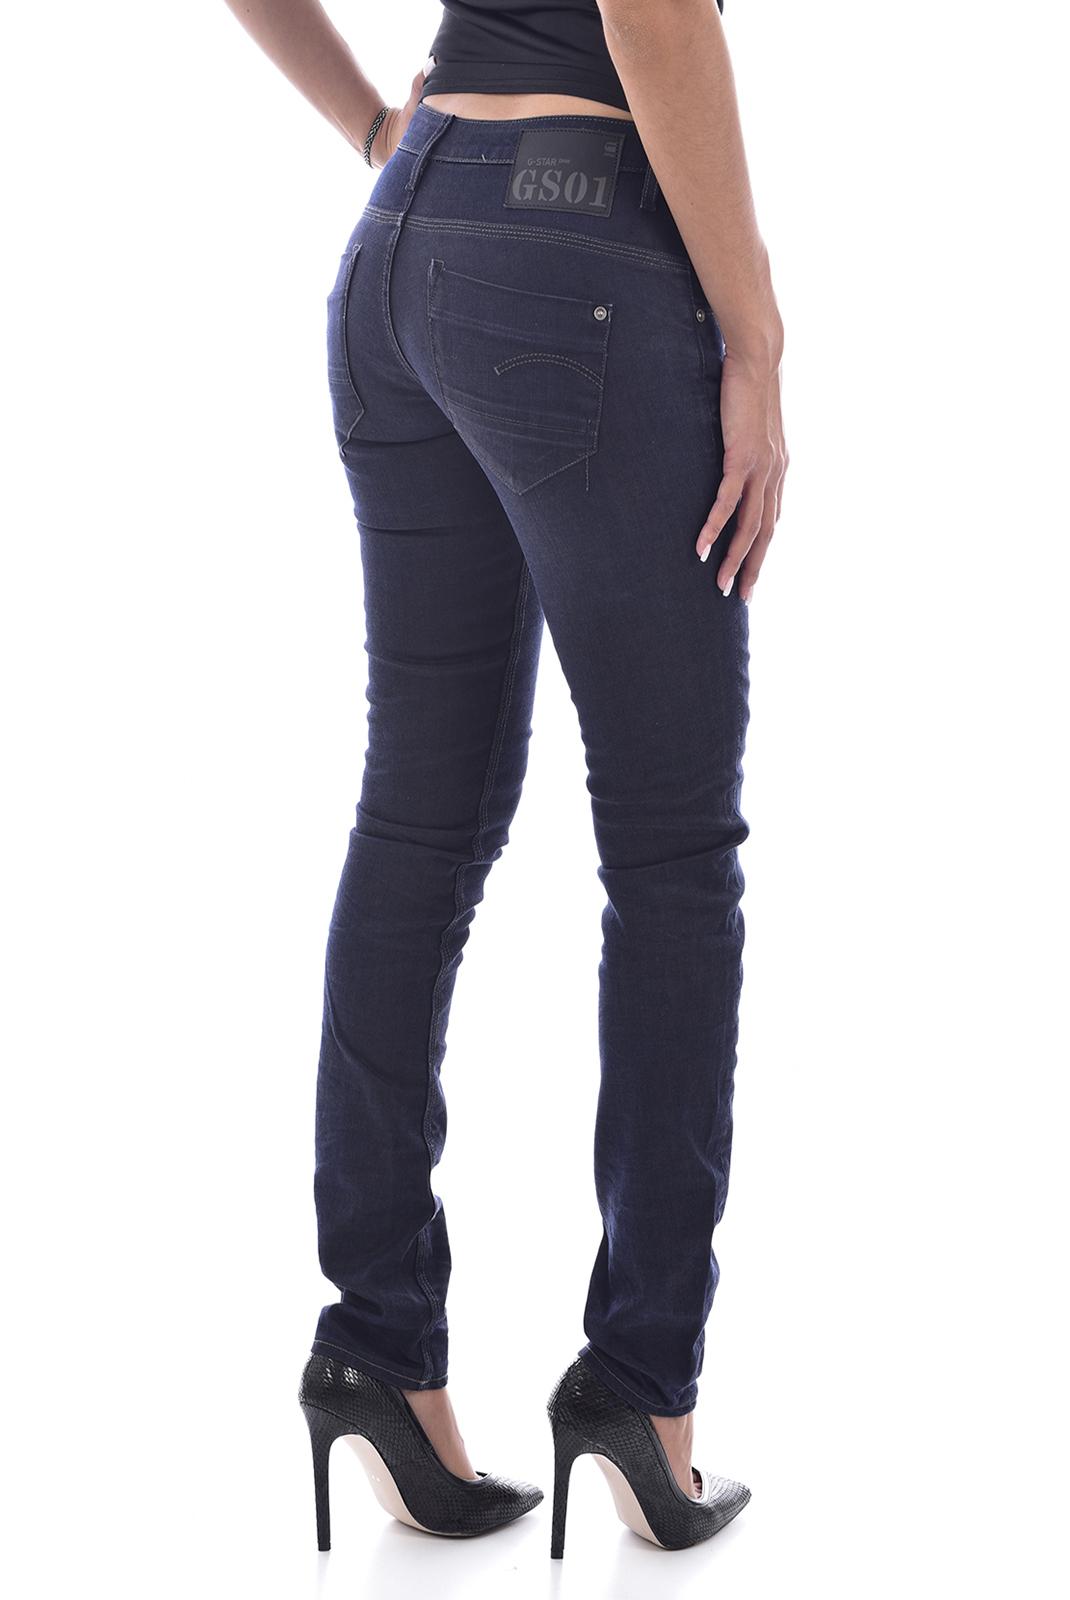 Jeans   G-star 60565.4265.89 BLEU